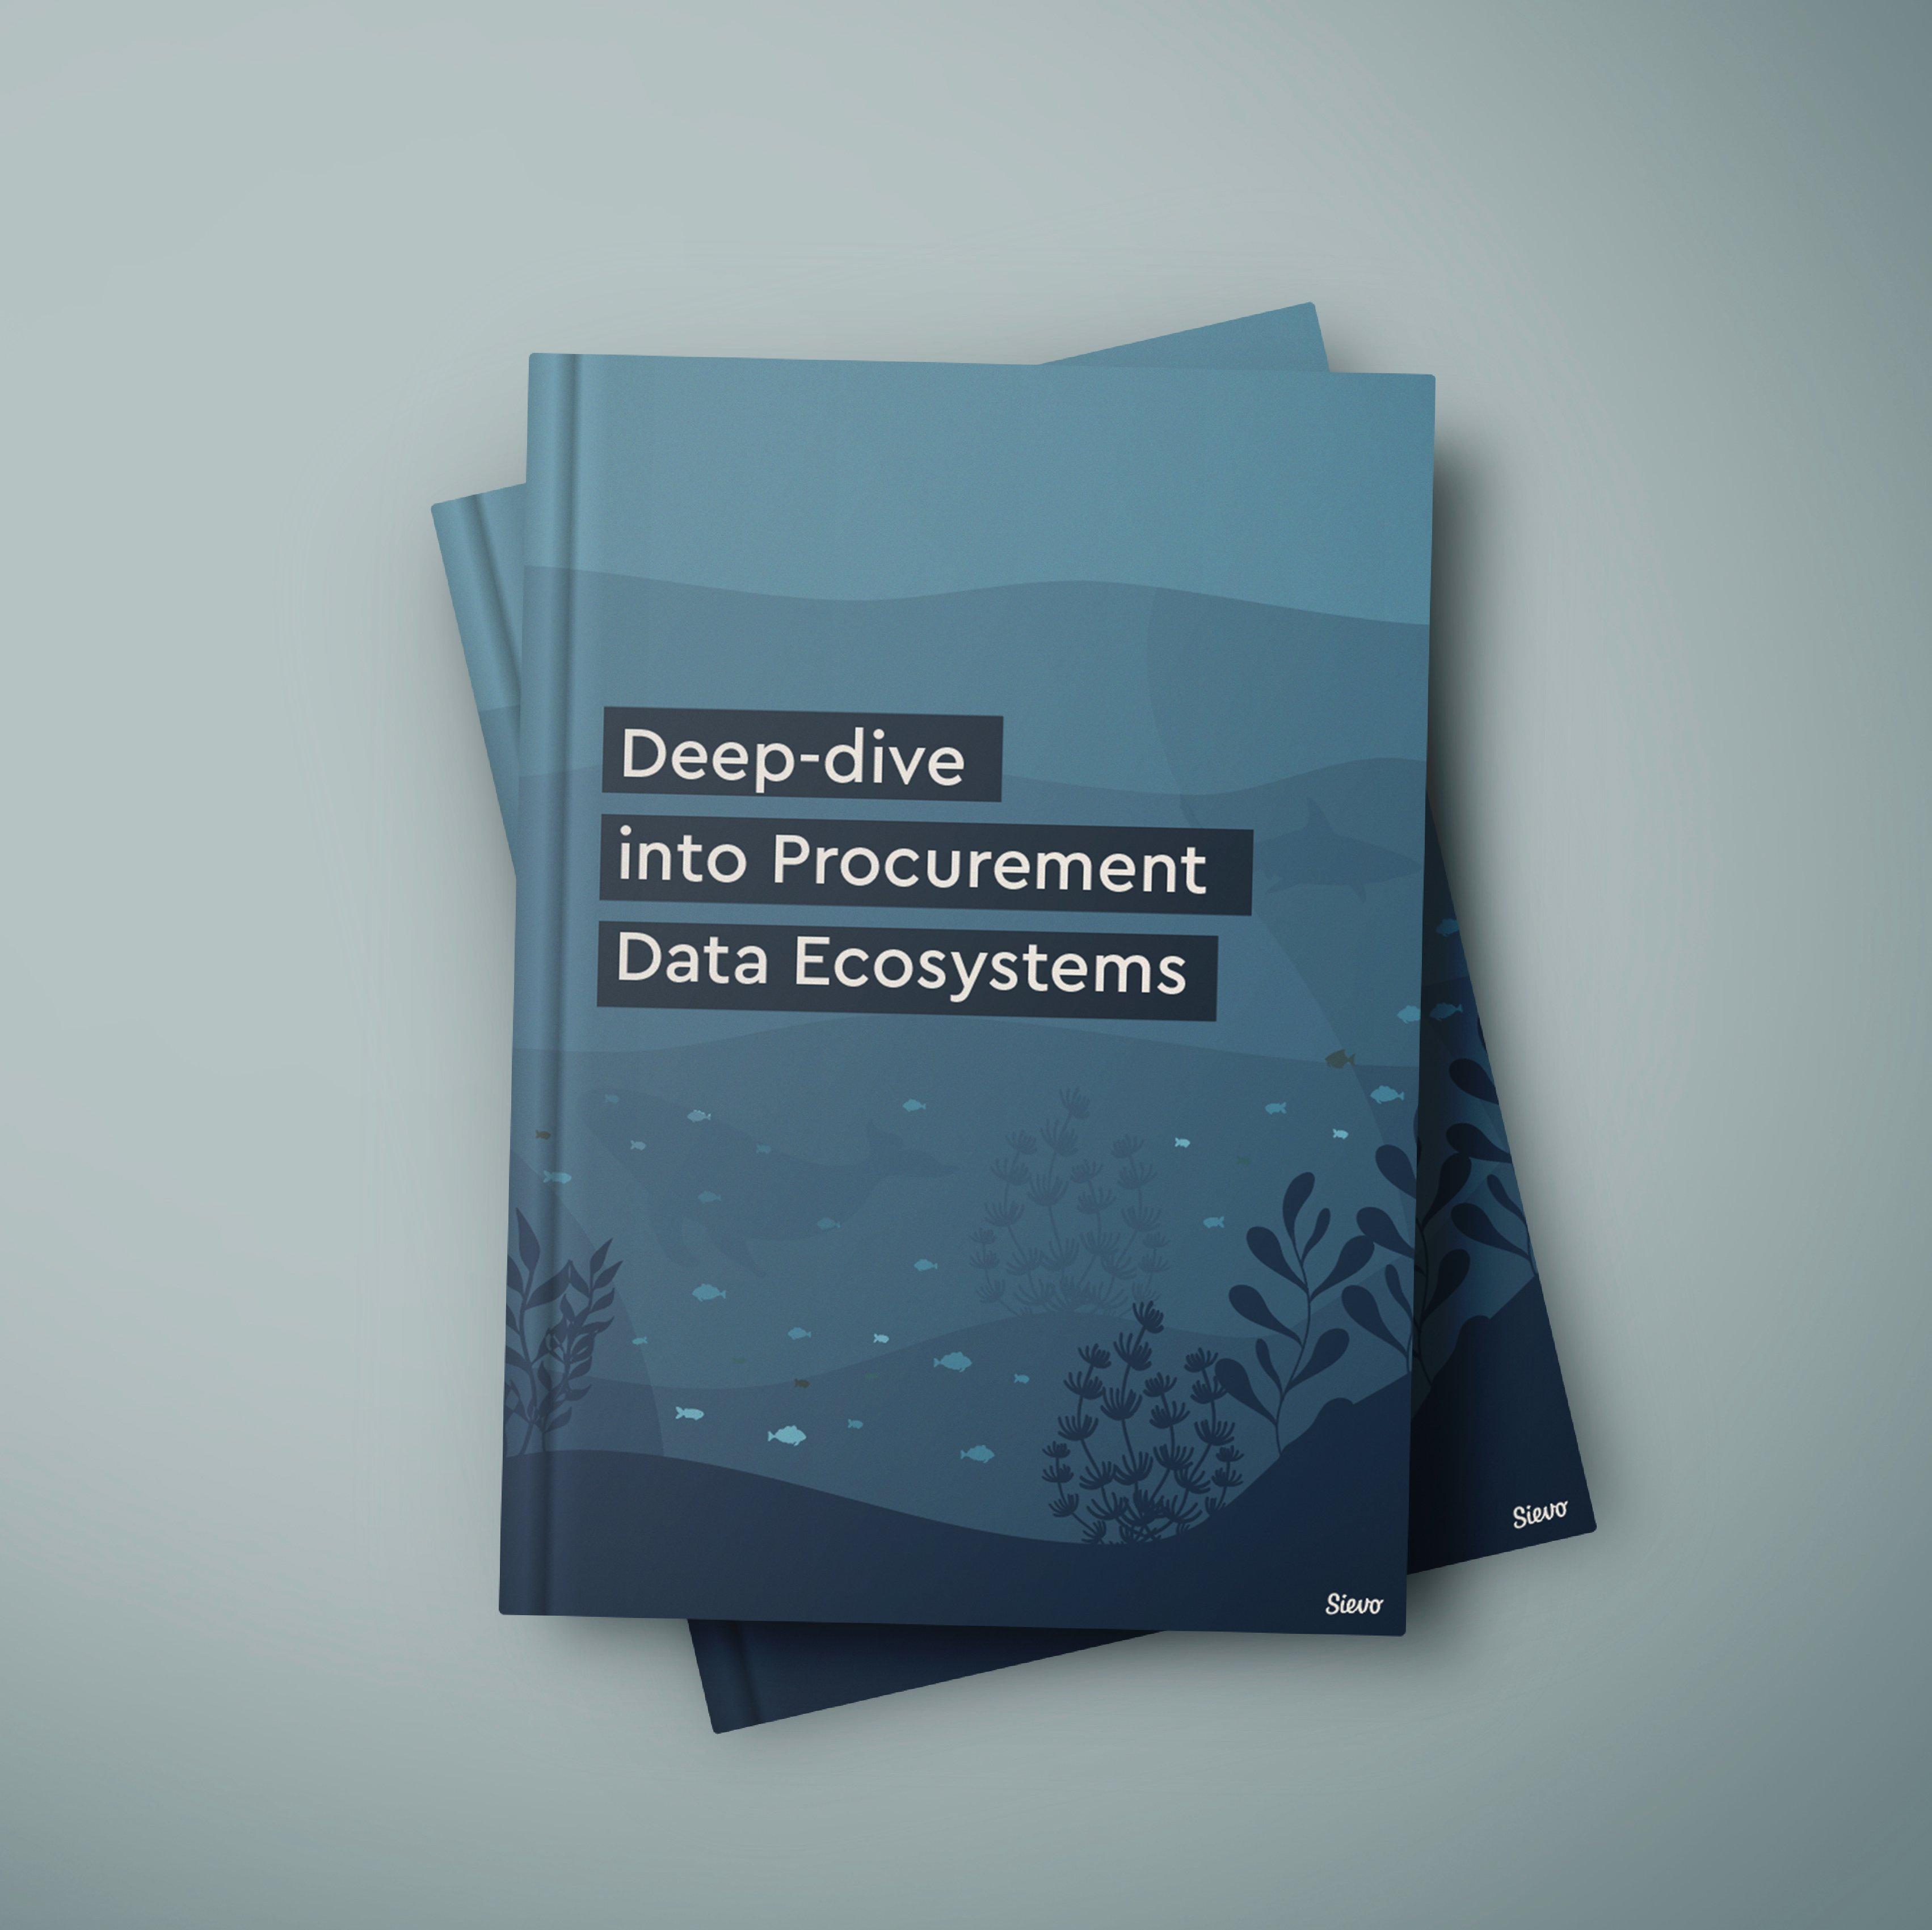 Deep-dive into Procurement Ecosystems-1200x1200-1